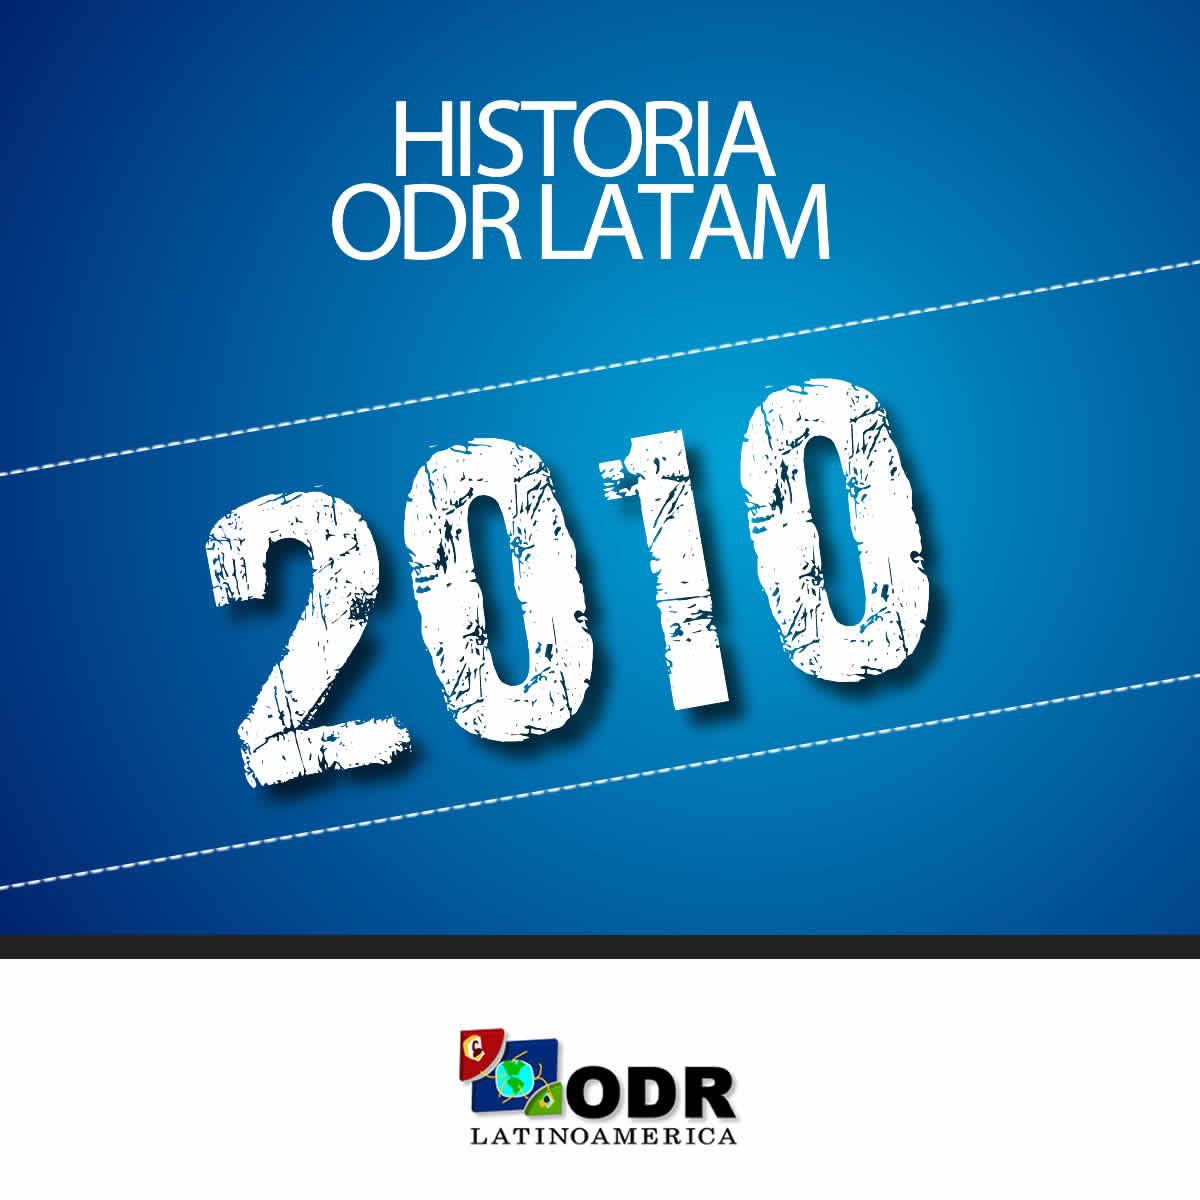 Historia ODR LATAM 2010